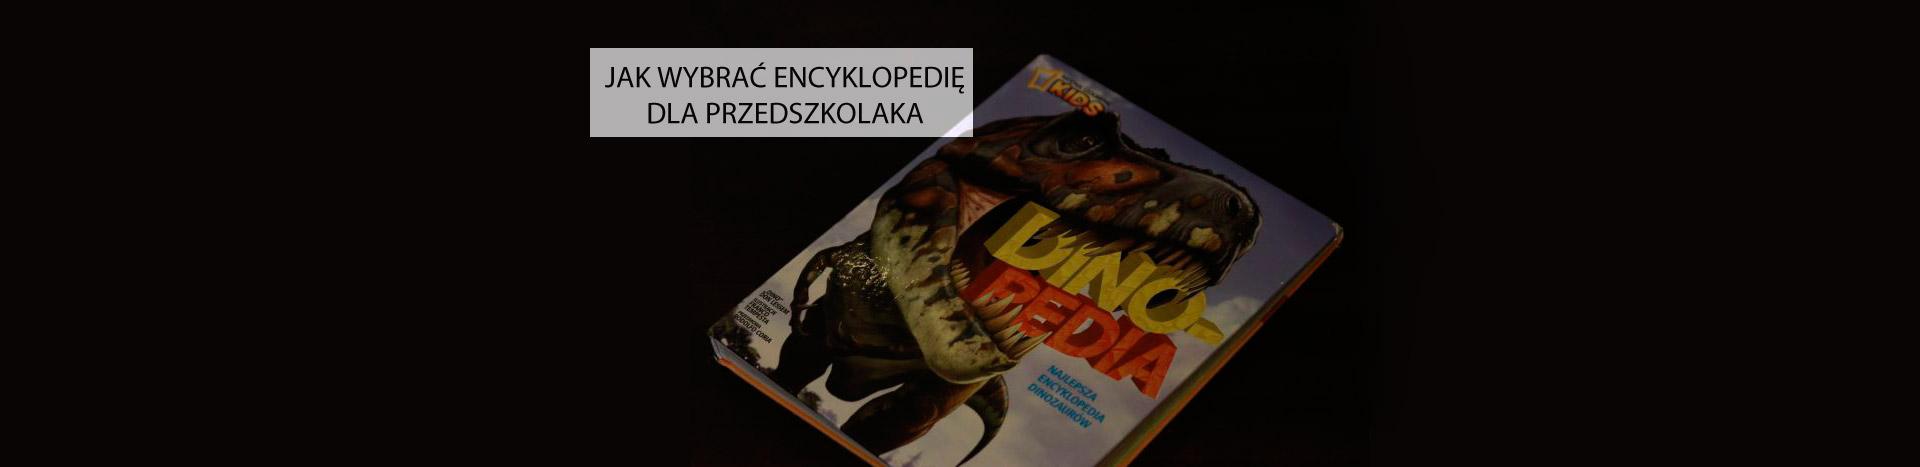 jak wybrać encyklopedię dla przedszkolaka, encyklopedia o dinozaurach dla dzieci, książka o dinozaurach, dinopedia, dinopedia national geographic